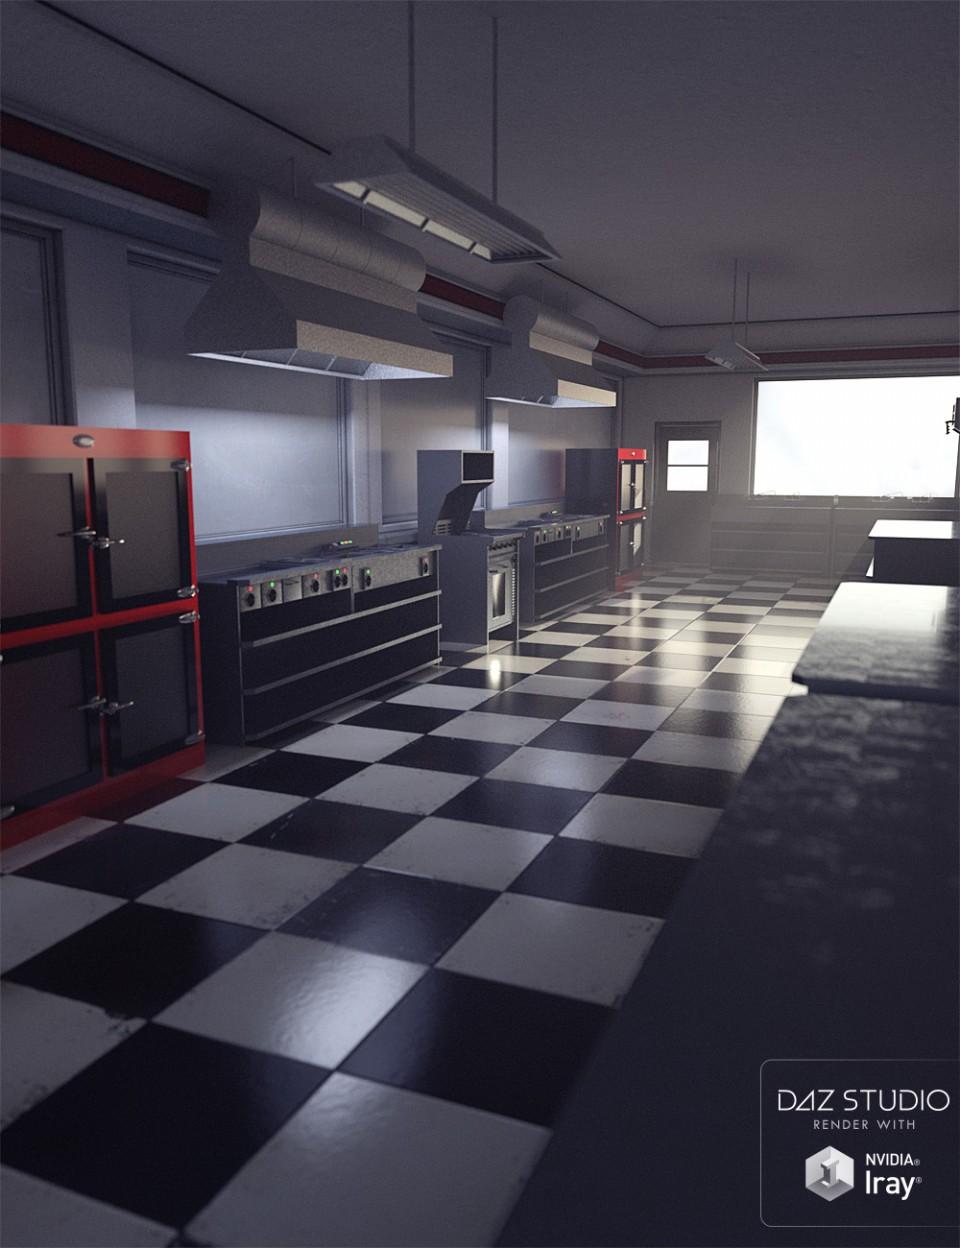 Moonshine Diner Kitchen Accessories_DAZ3D下载站